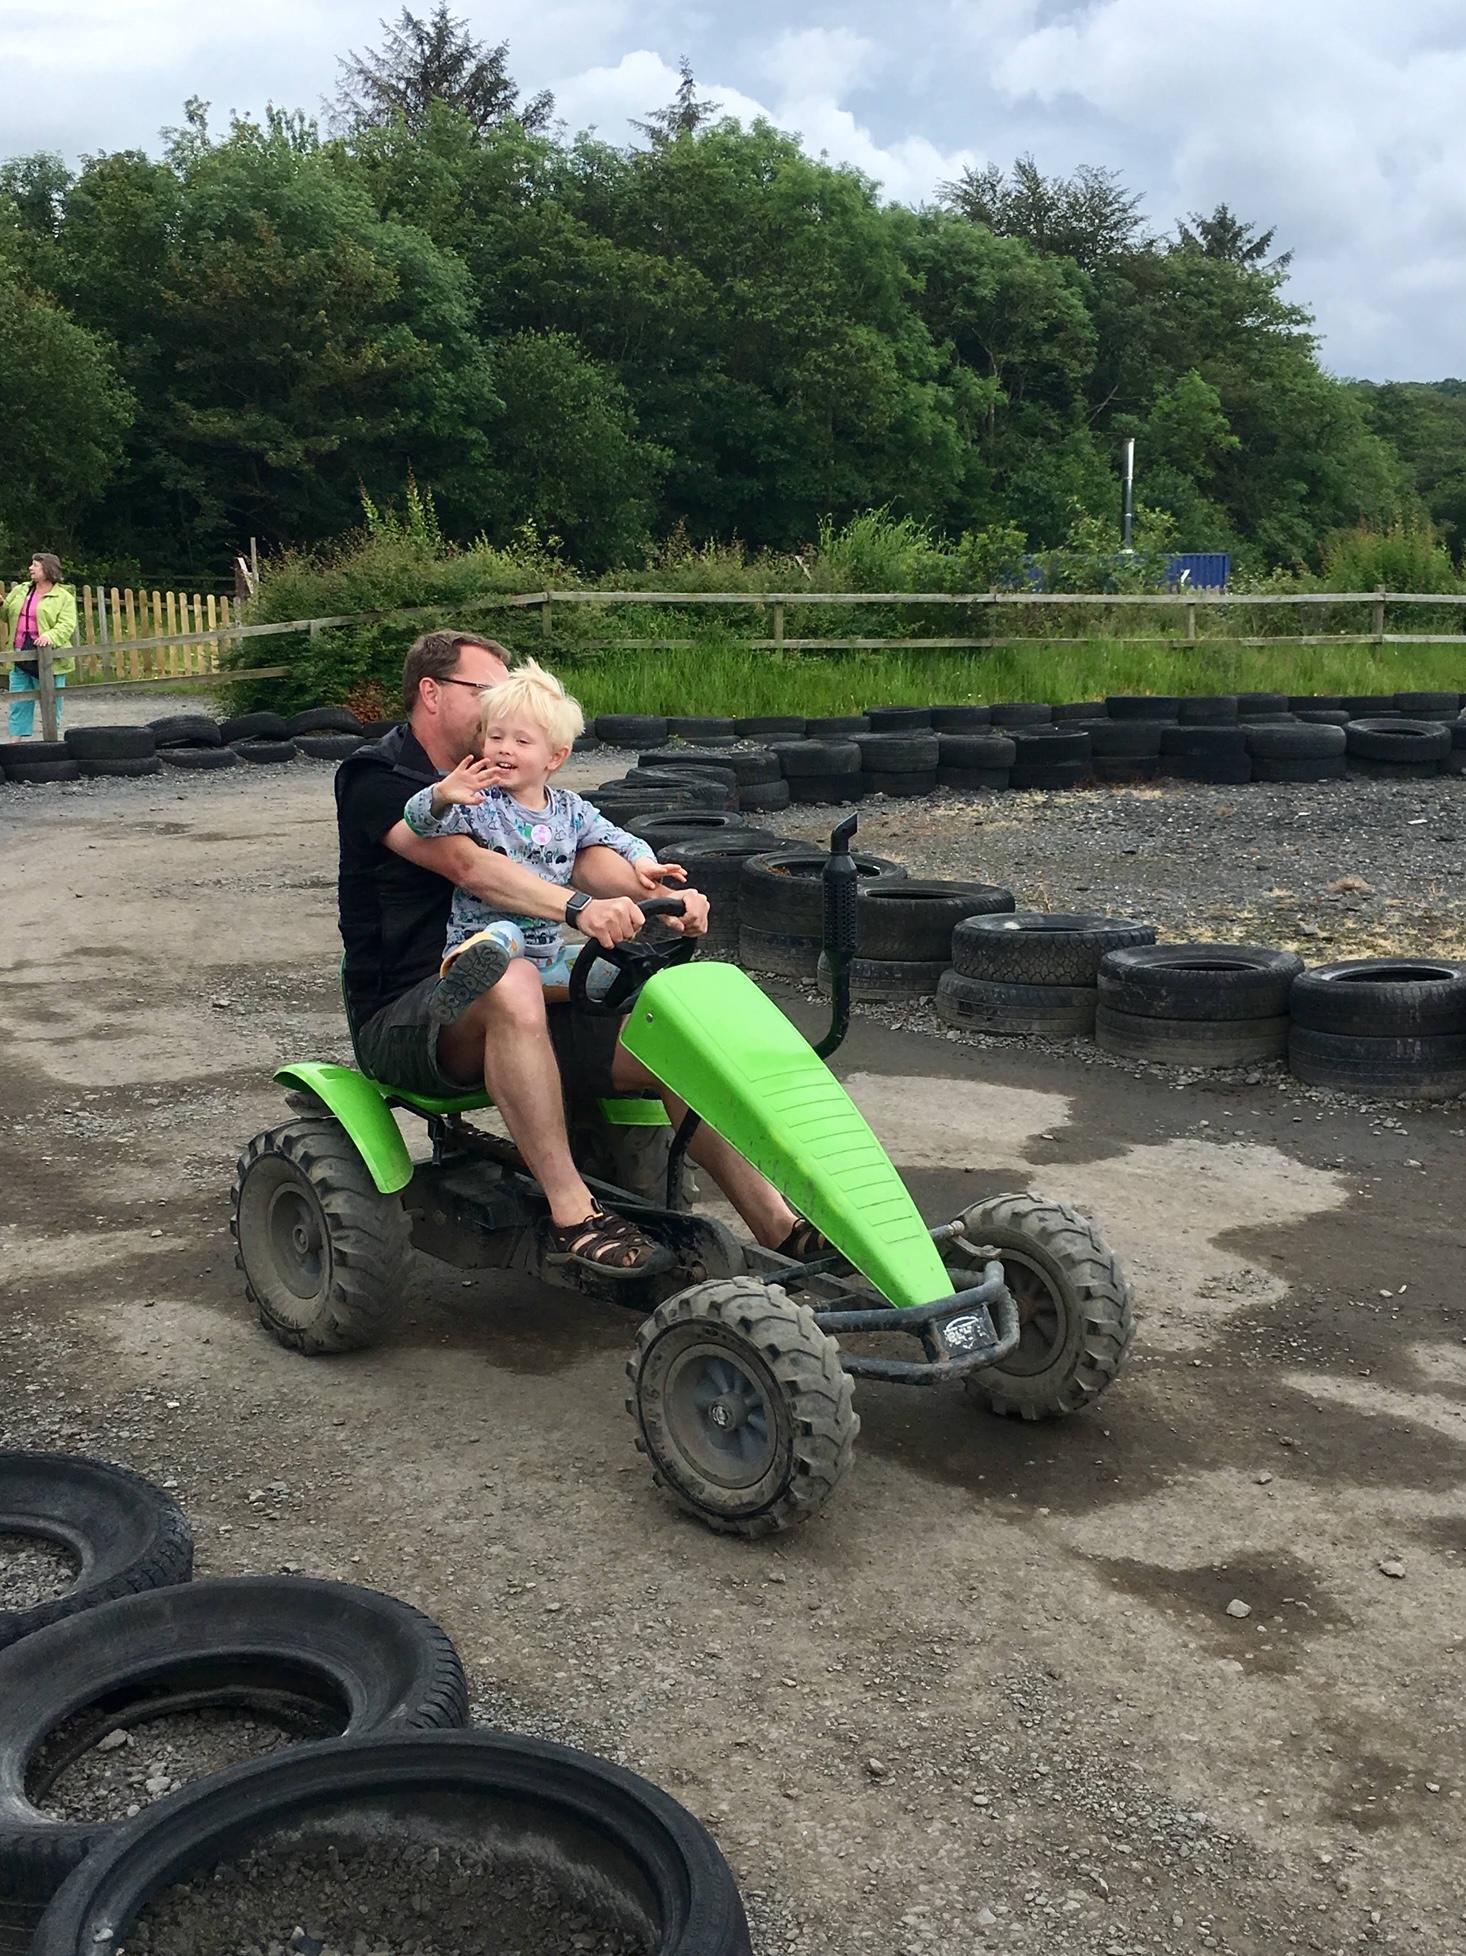 Fun times at The Big Sheep in Cornwall